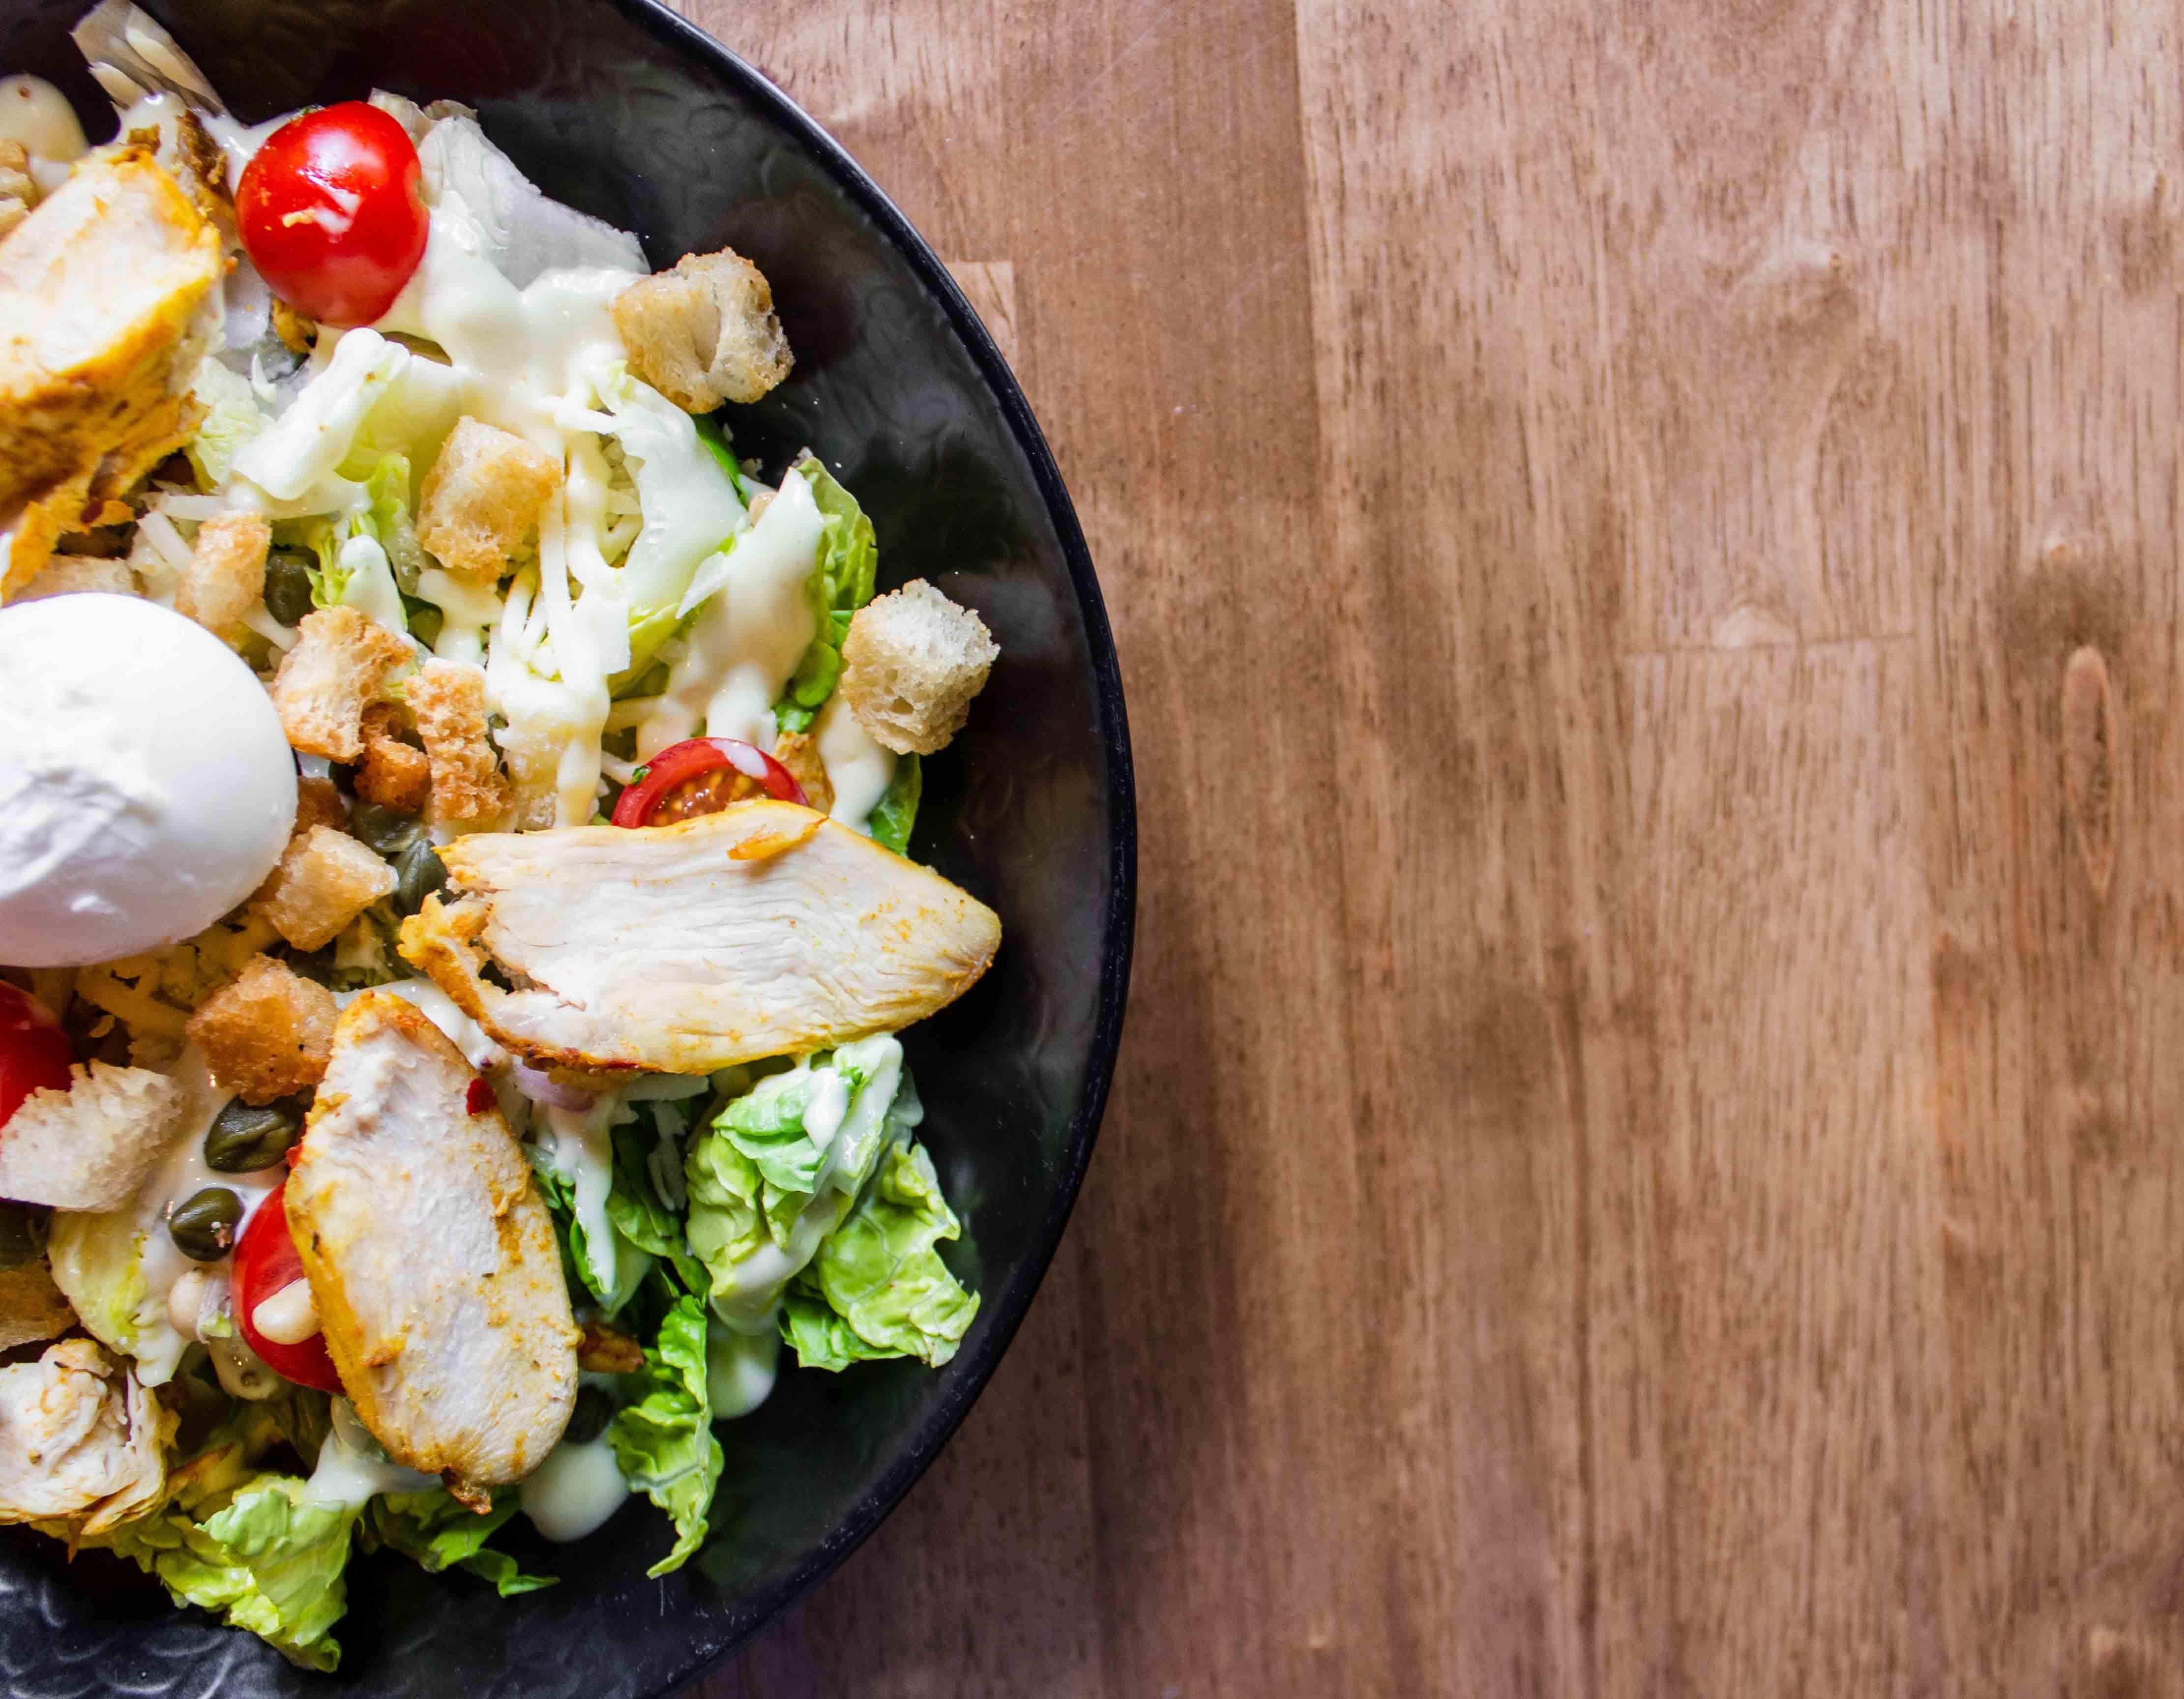 Hindari Obat-obatan, Ini 7 Makanan Sehat yang Bisa Menambah Berat Badan dengan Cepat